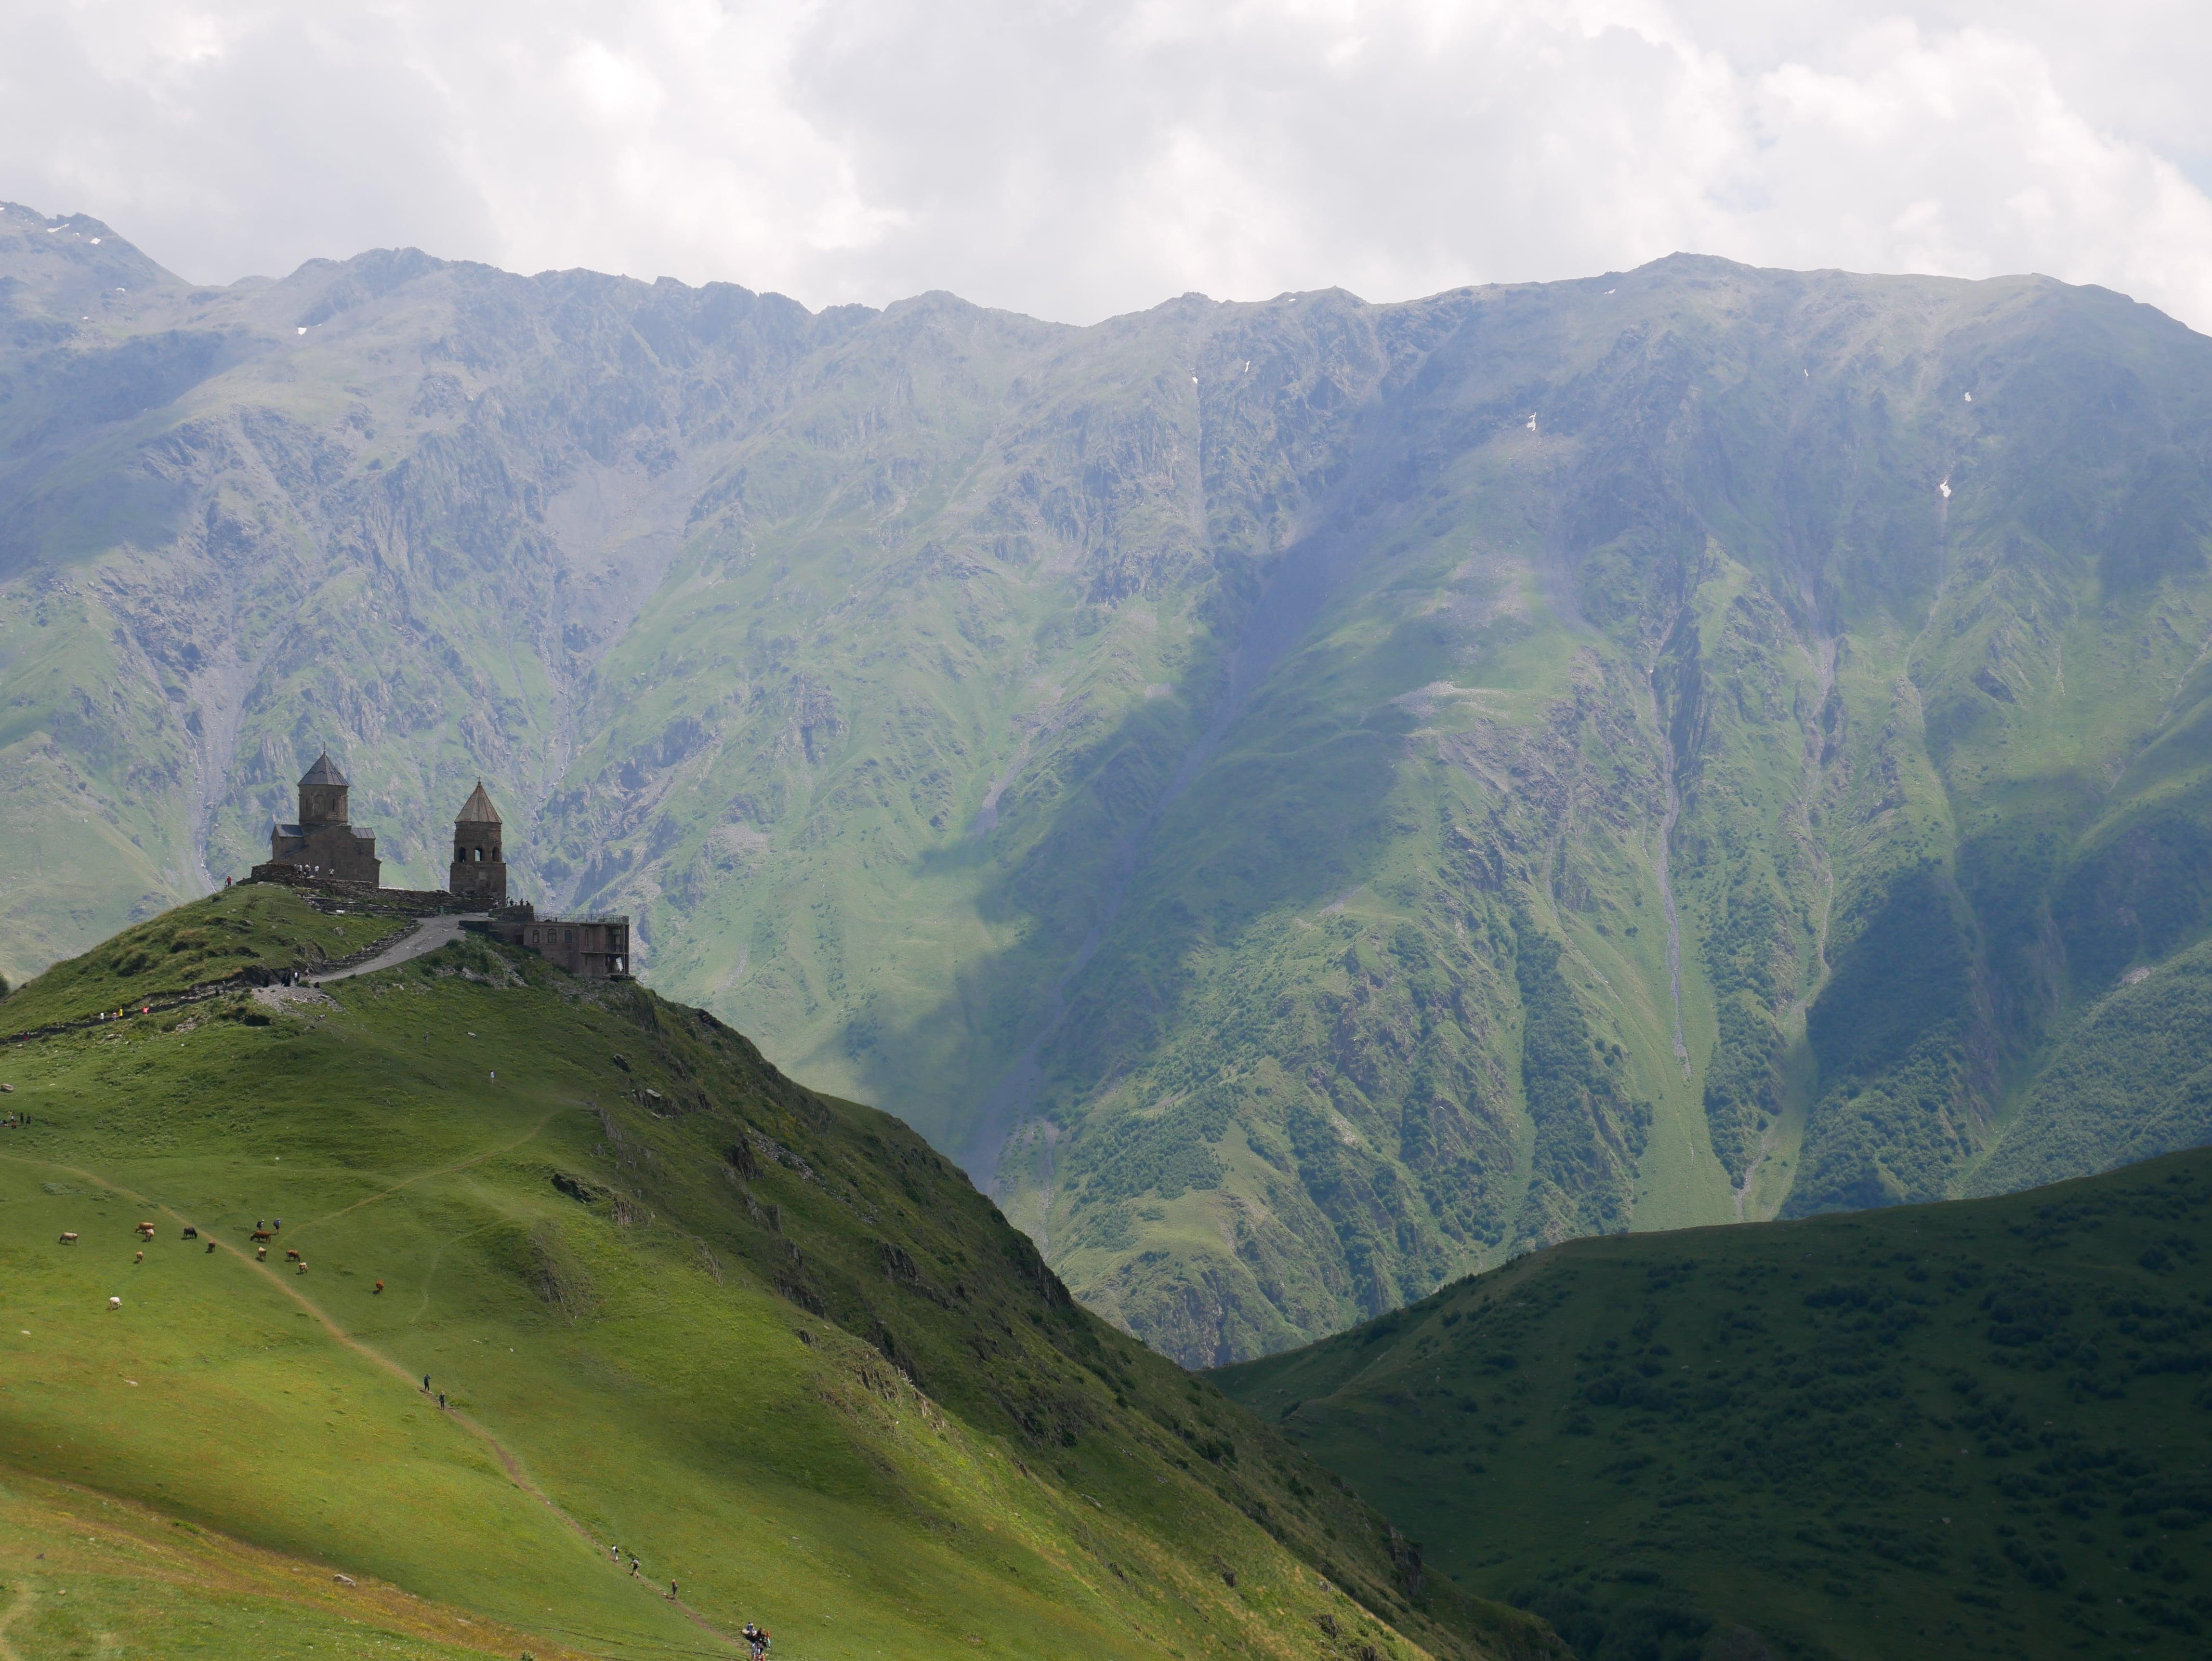 L'église de la Trinité de Guerguéti